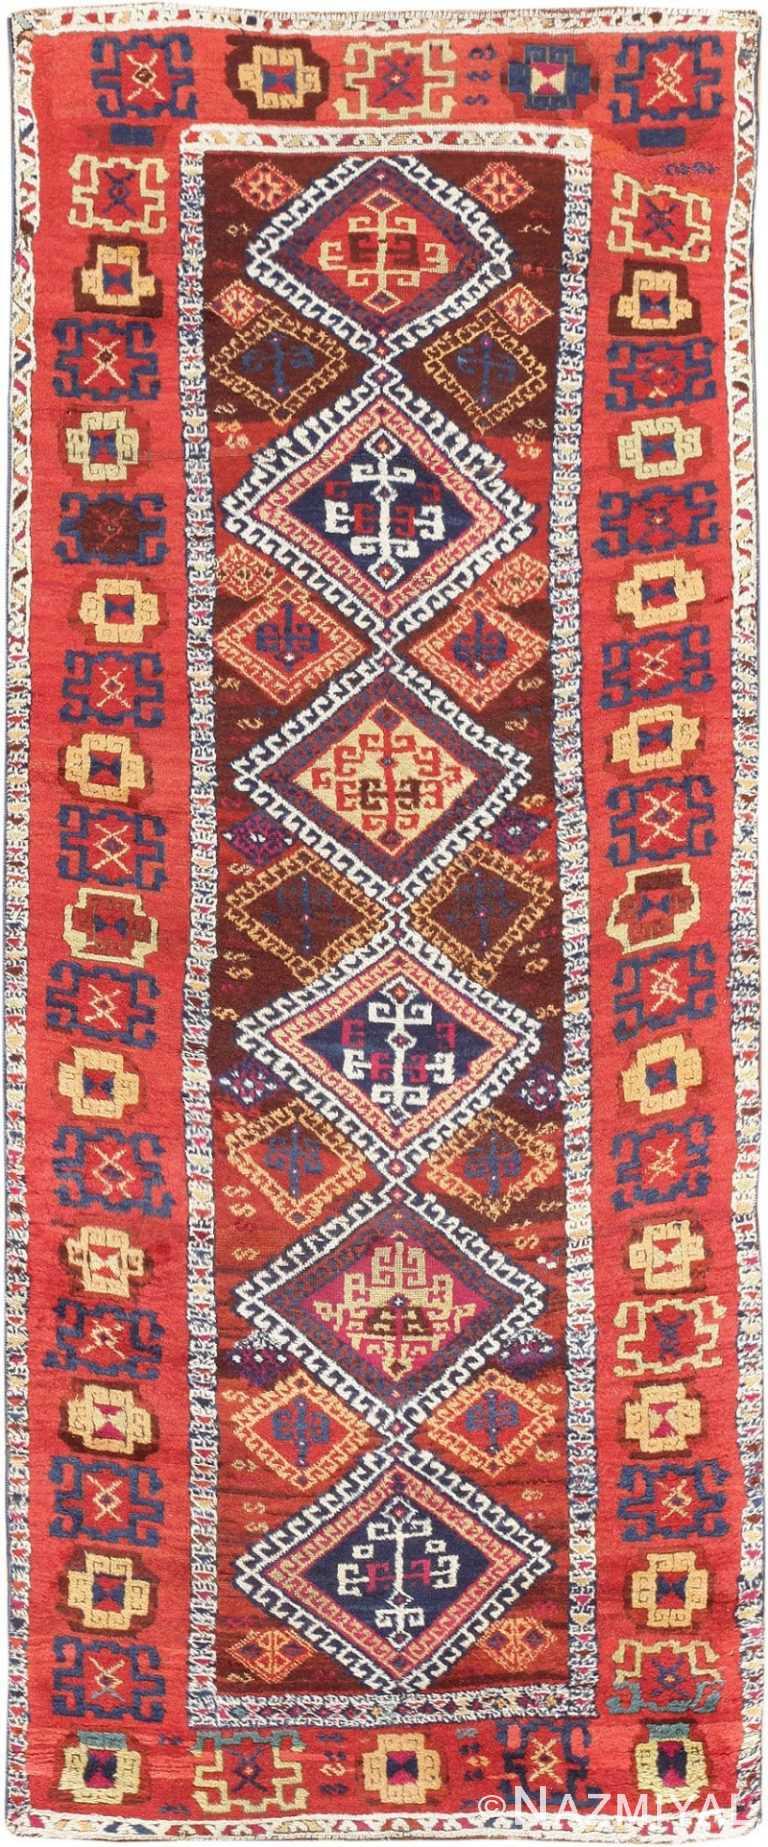 Antique Tribal Turkish Yuruk Rug 47495